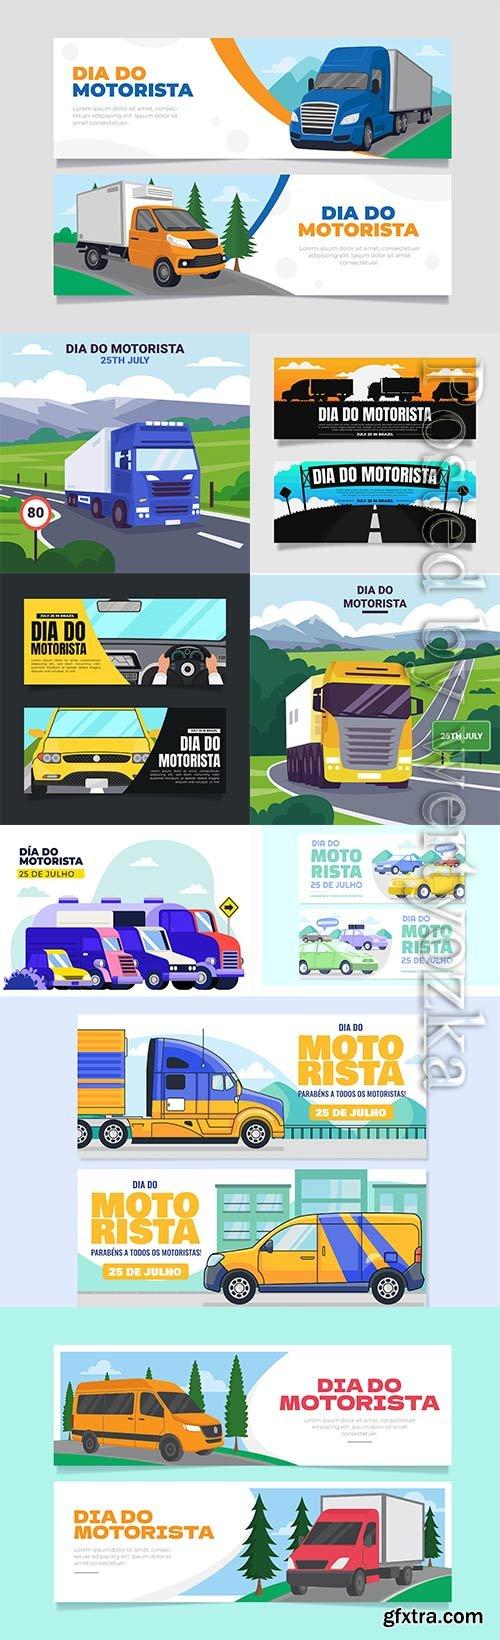 Dia do motorista banners vector set